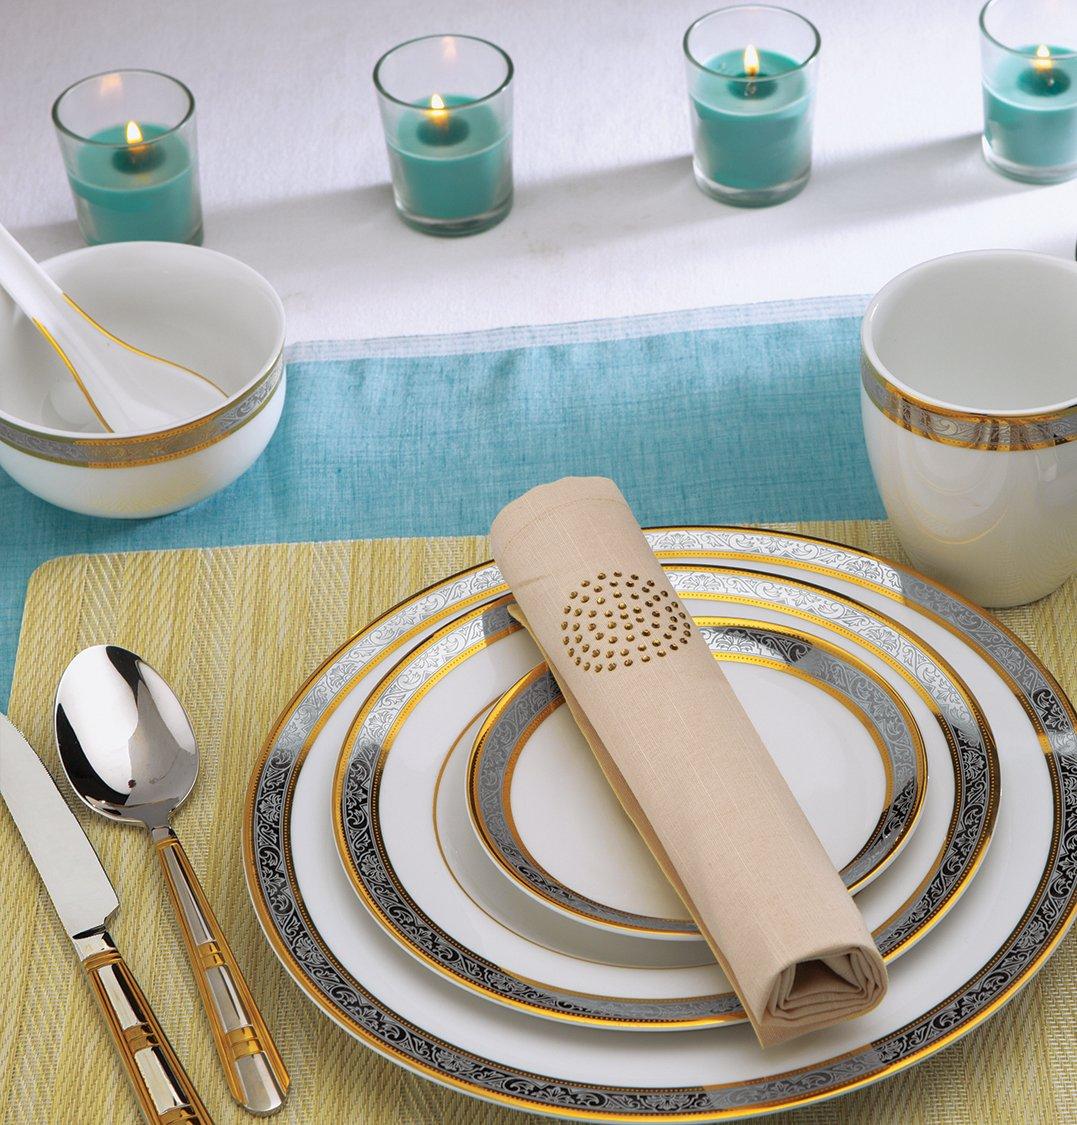 Buy Alda Porcelain Dinner Crockery Set(Gold Platinum) - Piece of 33 ...